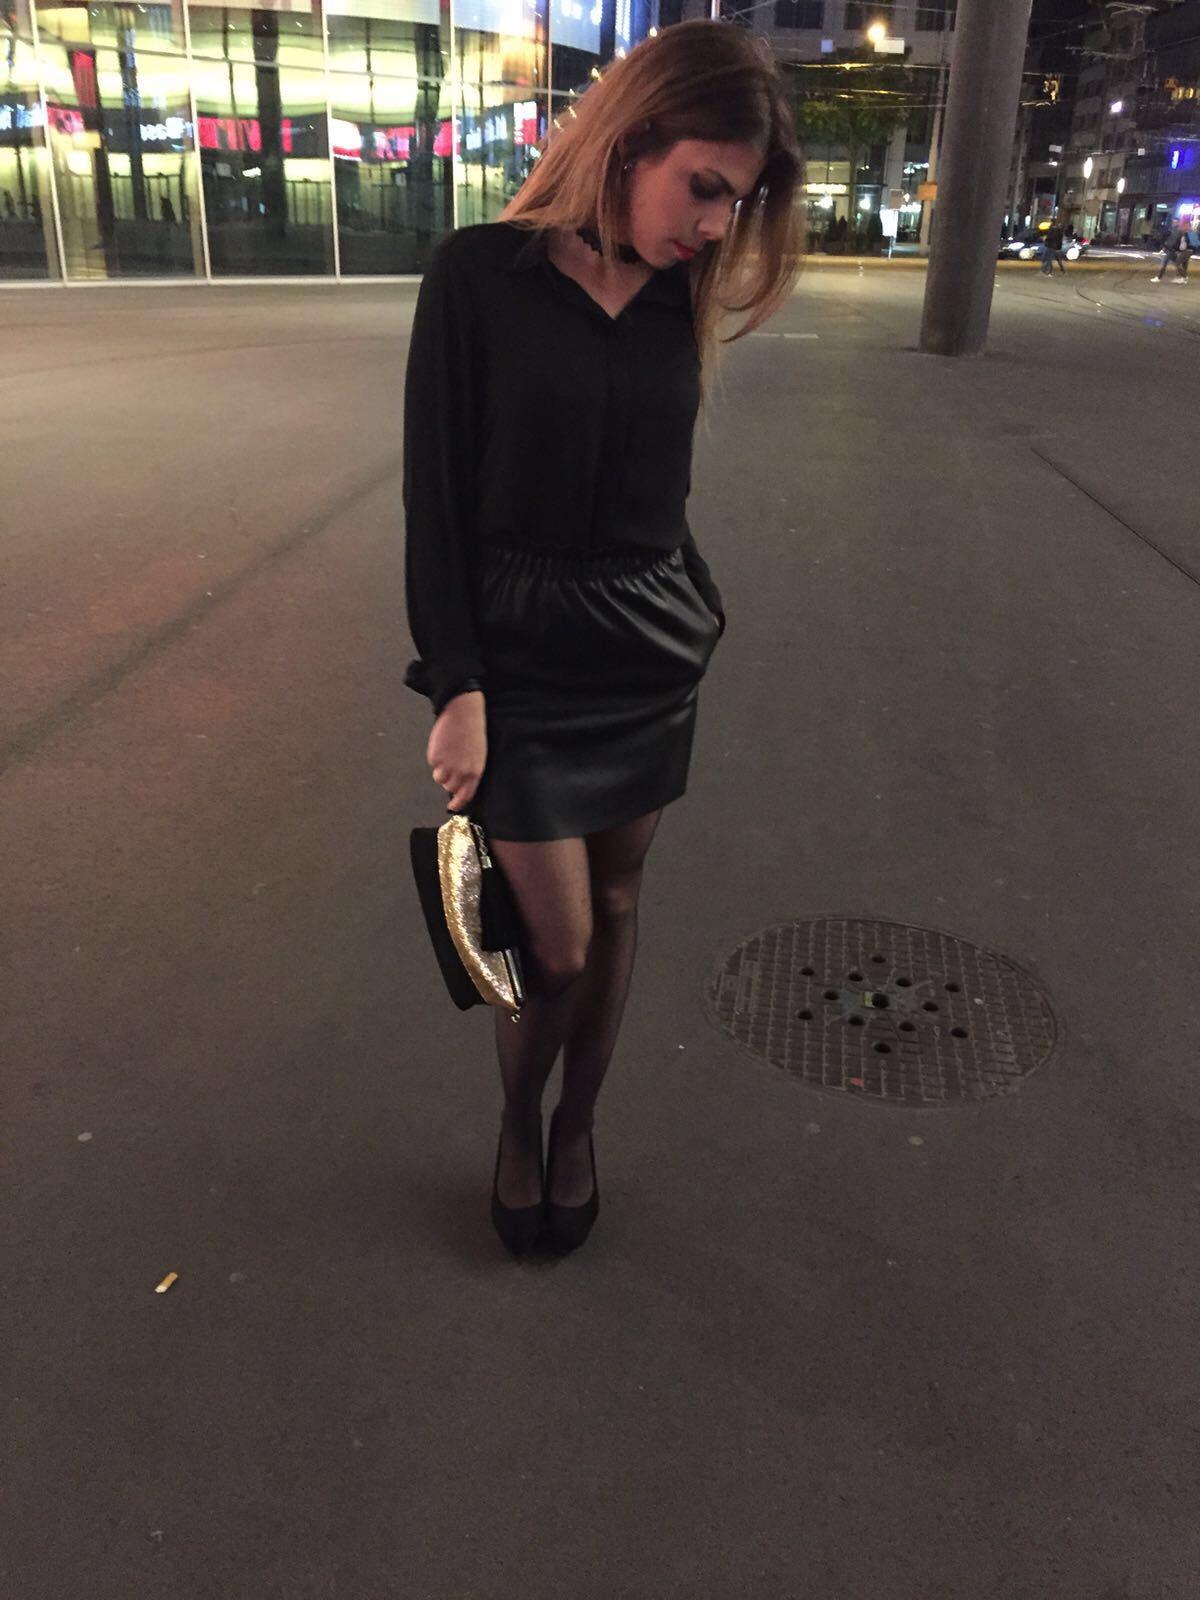 Lederjupe und schwarzes Top mit goldiger Clutch